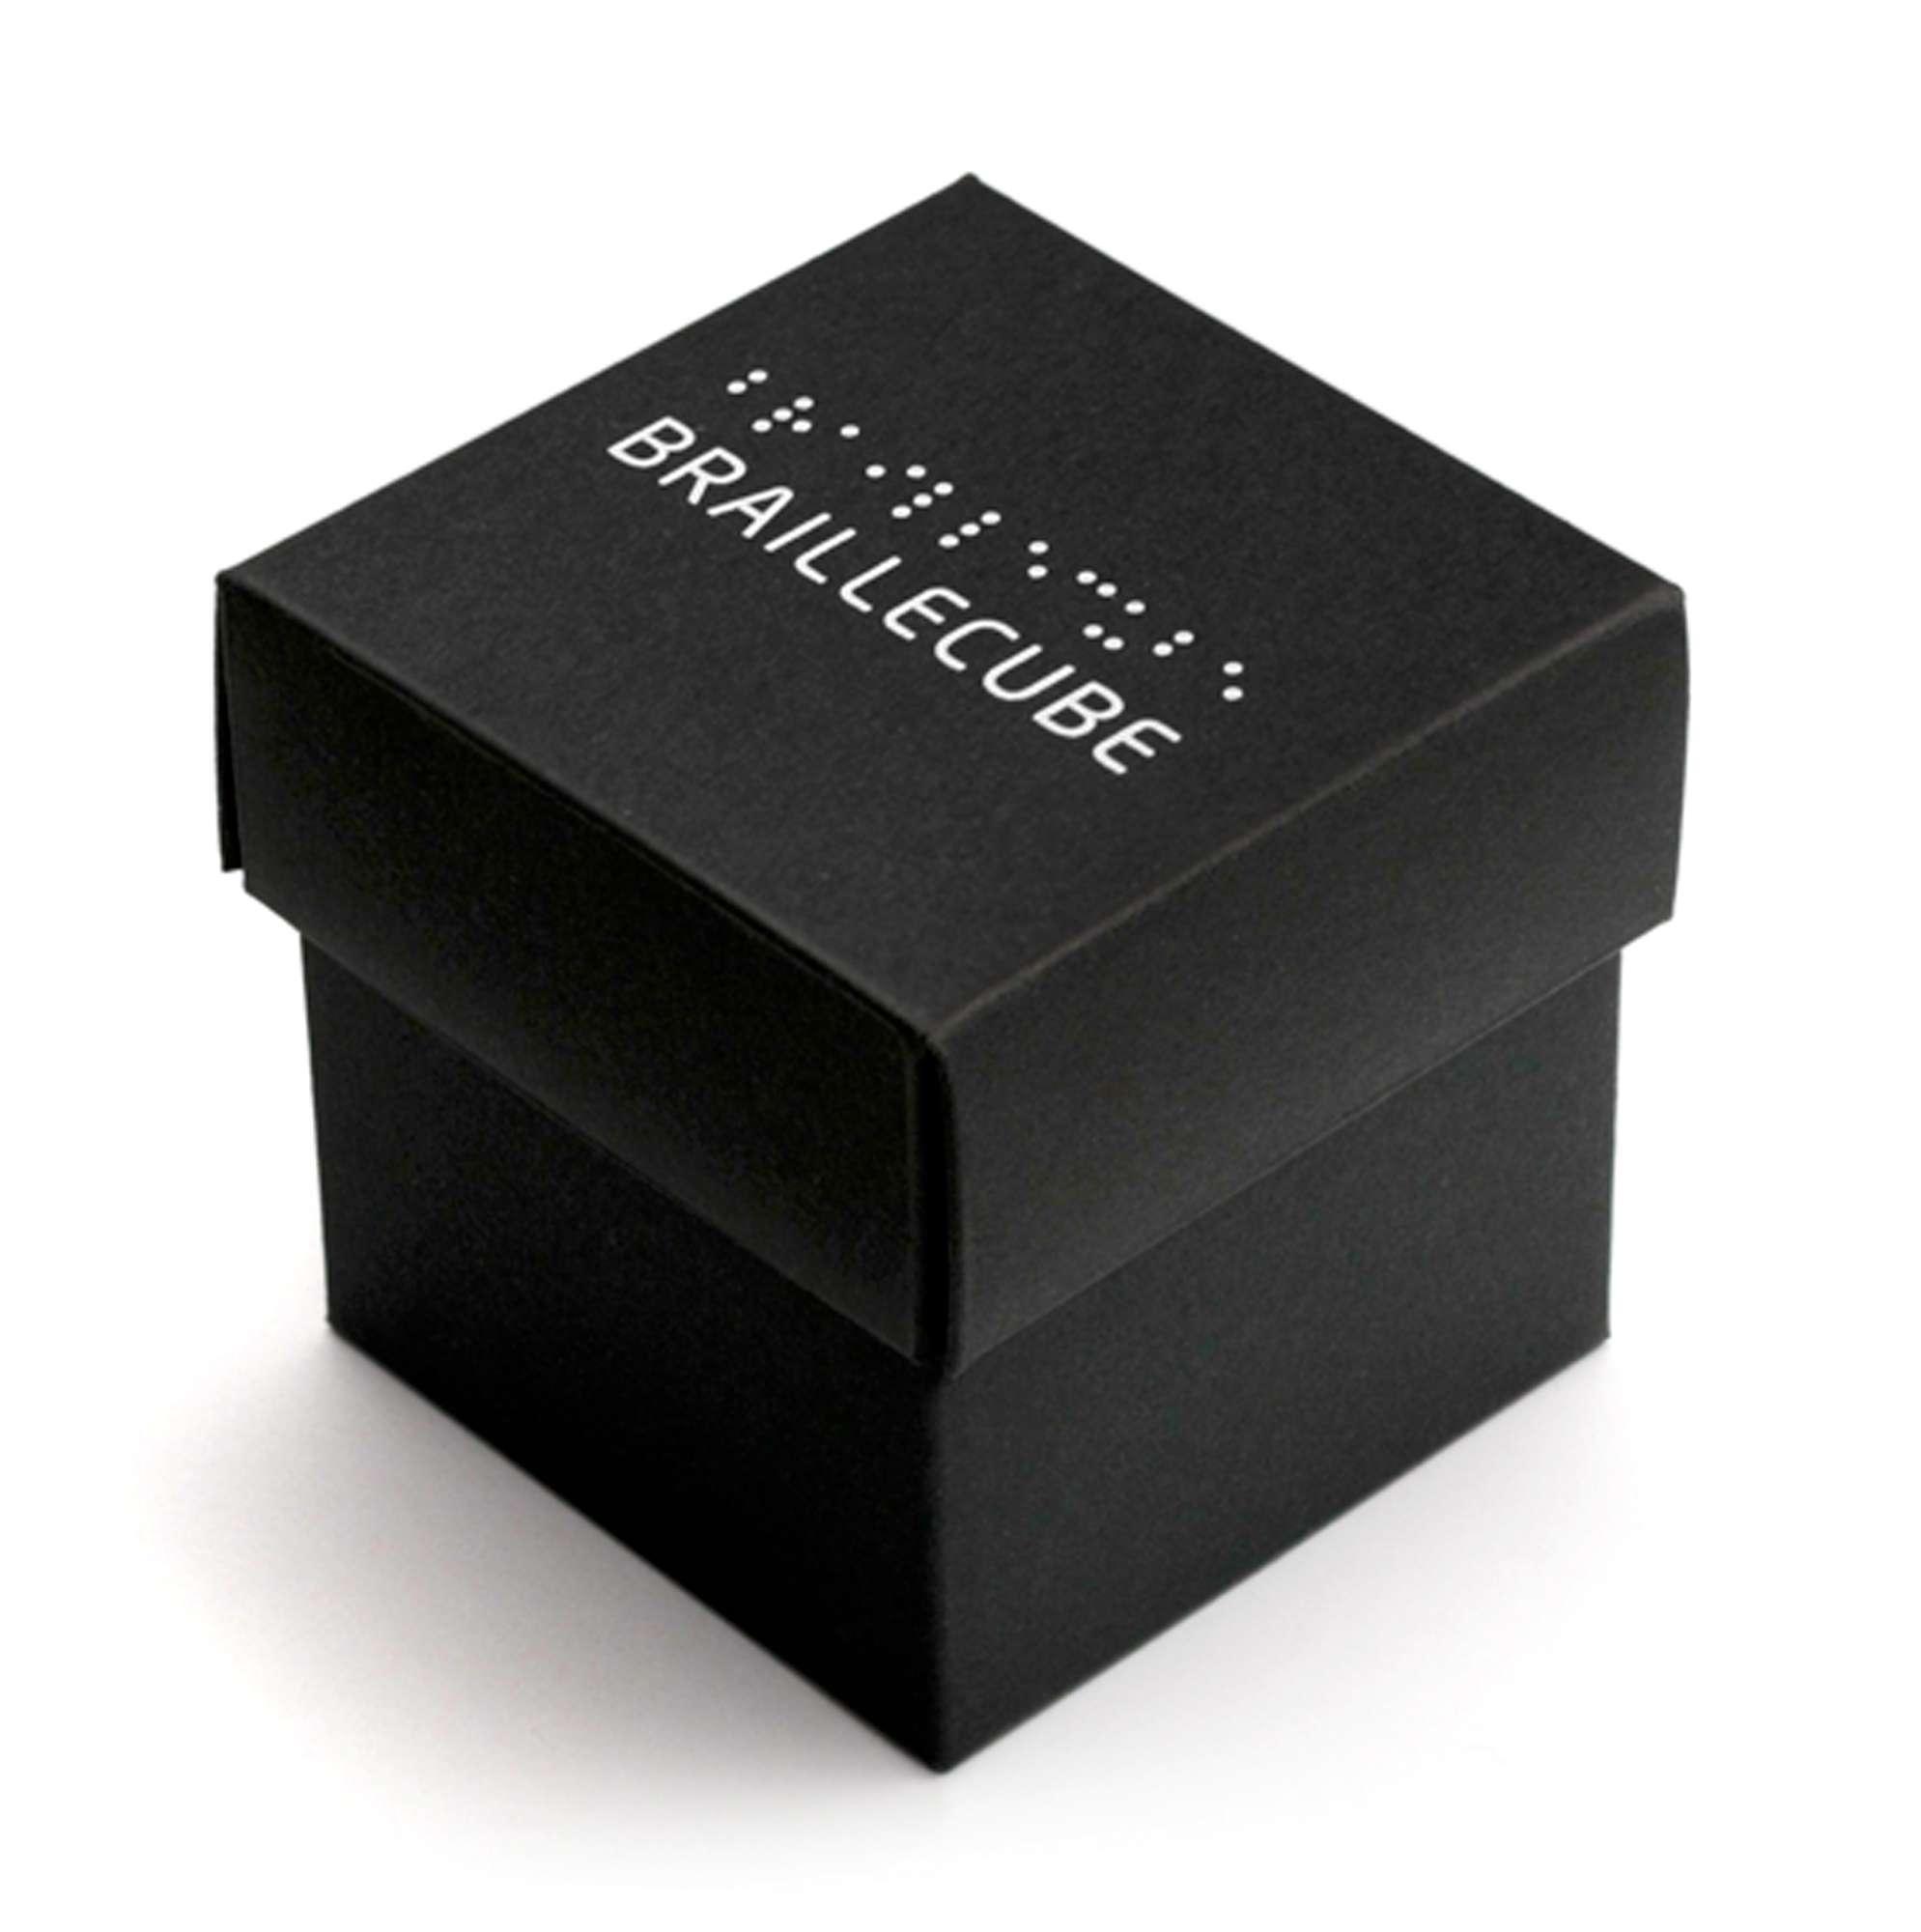 Per i ciechi arriva il cubo di Rubik in braille